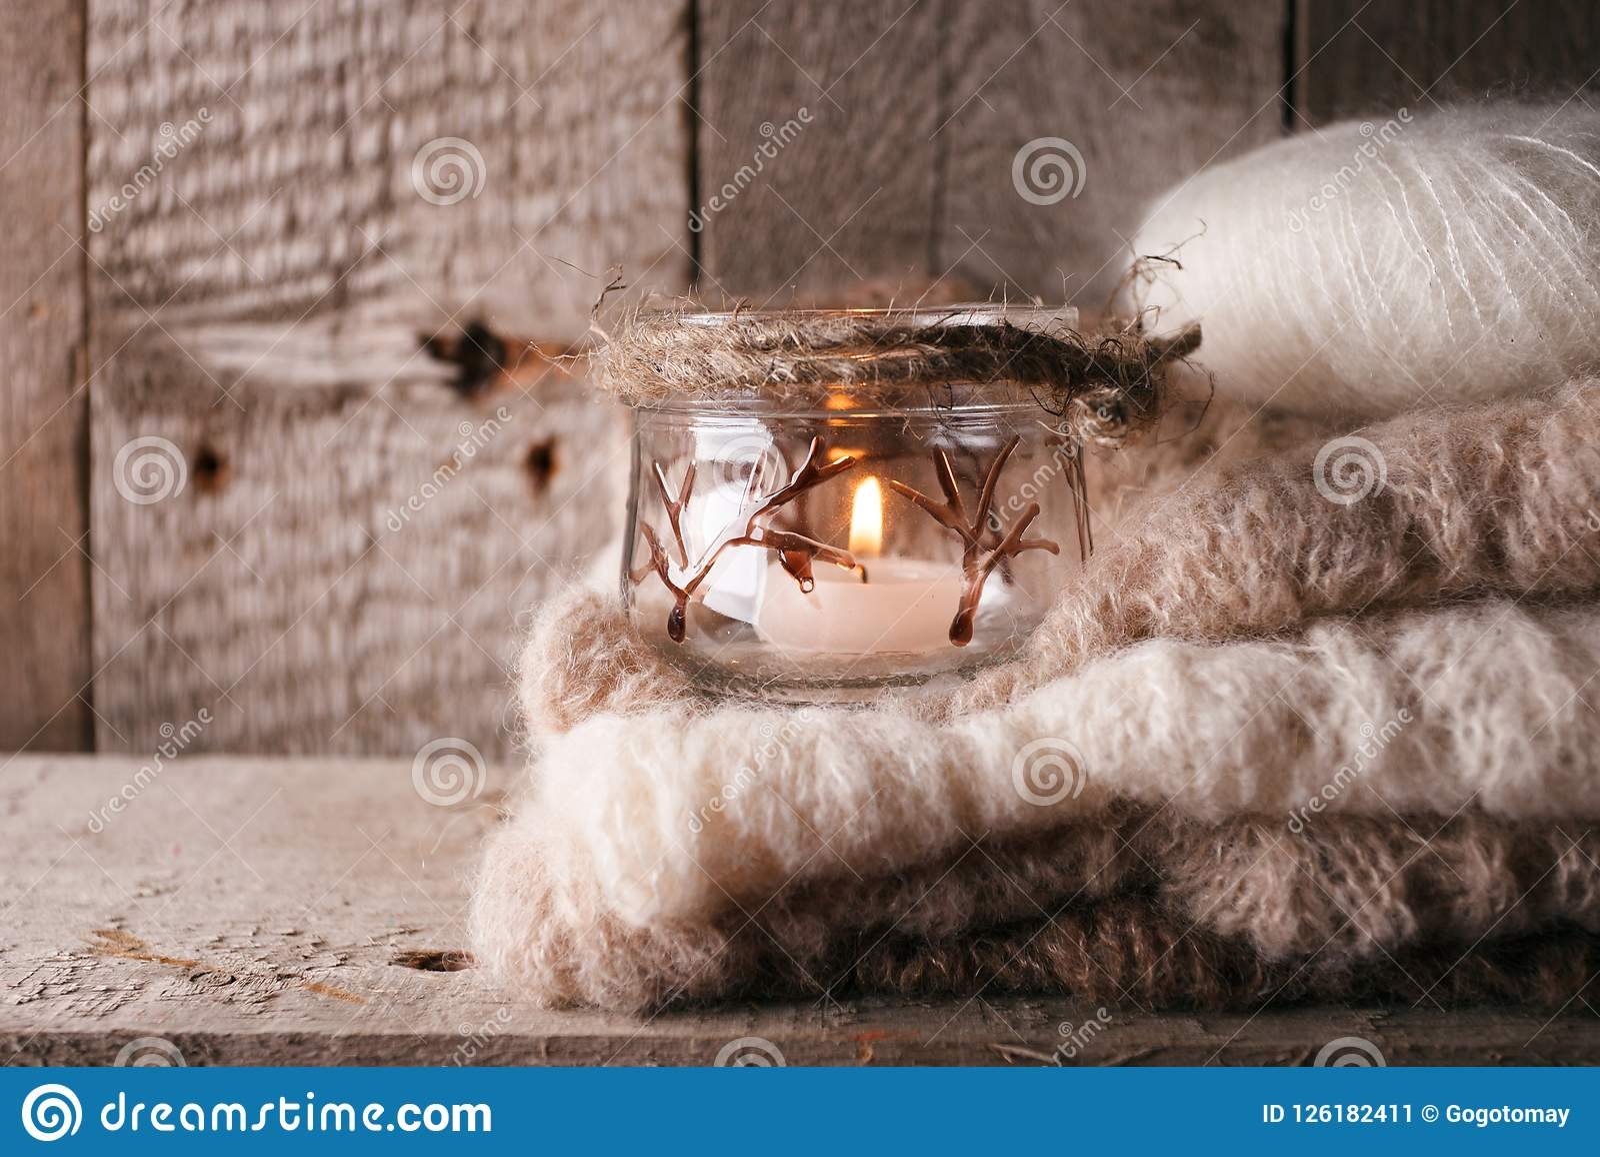 Warme Strickjacke auf hölzerner rustikaler Bank, Kerze, gemütliche alltägliche Szene der Ruhe Fallherbstwochenende Einfarbiges Ko